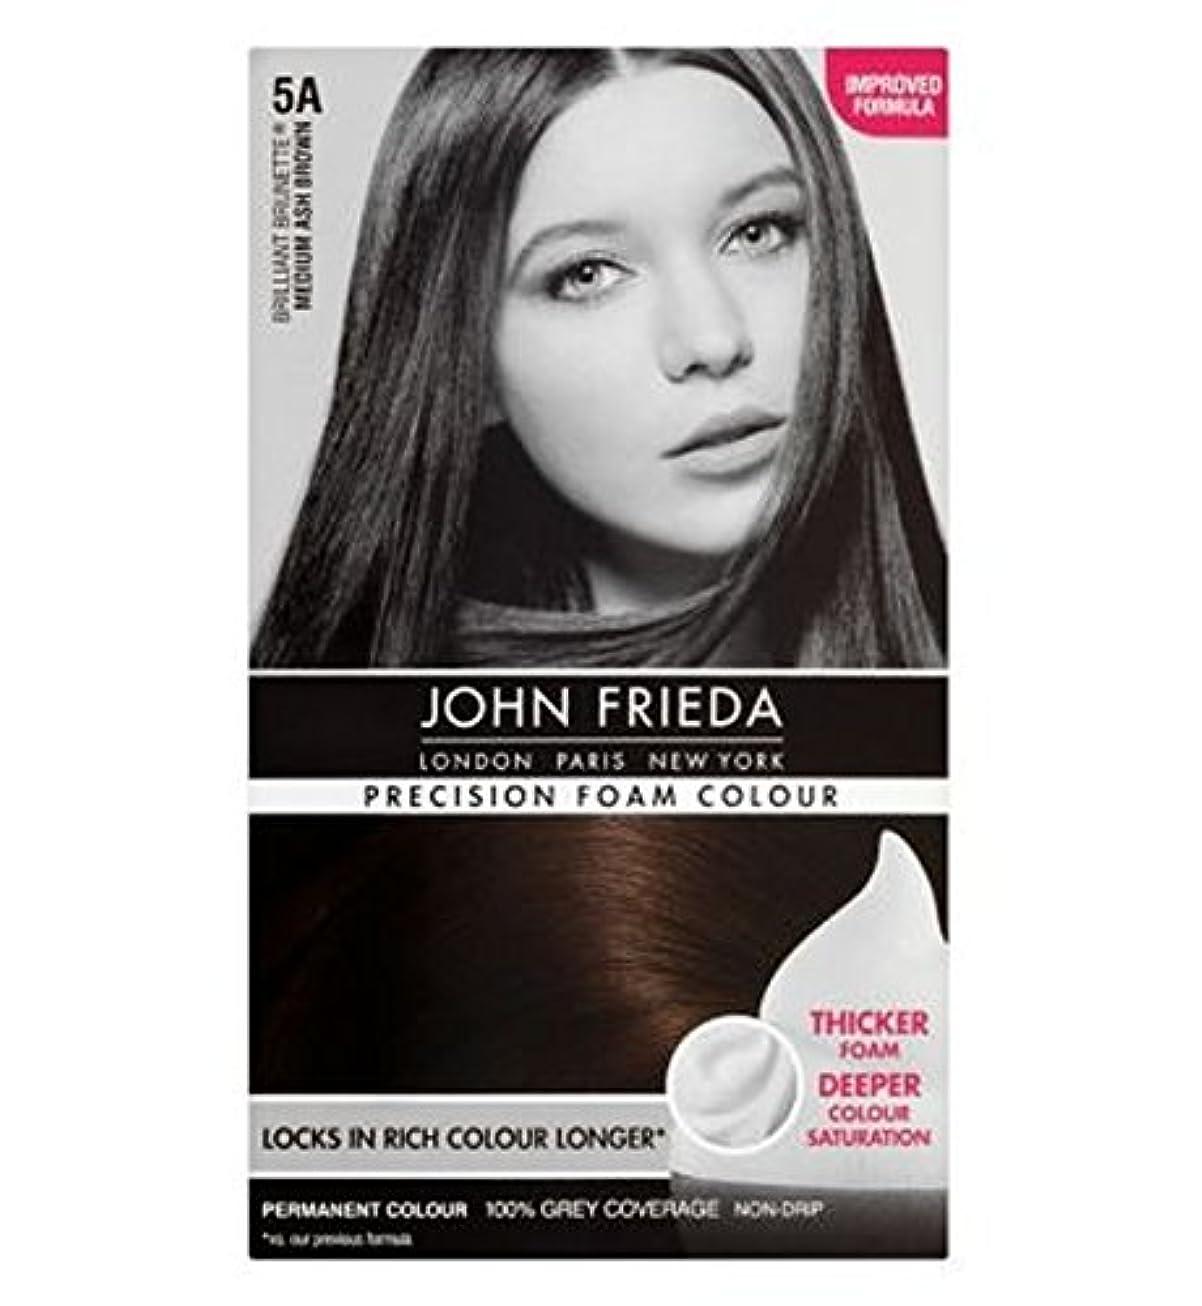 上昇動的もろいジョン?フリーダ精密泡カラー5Aのミディアムアッシュブラウン (John Frieda) (x2) - John Frieda Precision Foam Colour 5A Medium Ash Brown (Pack of 2) [並行輸入品]